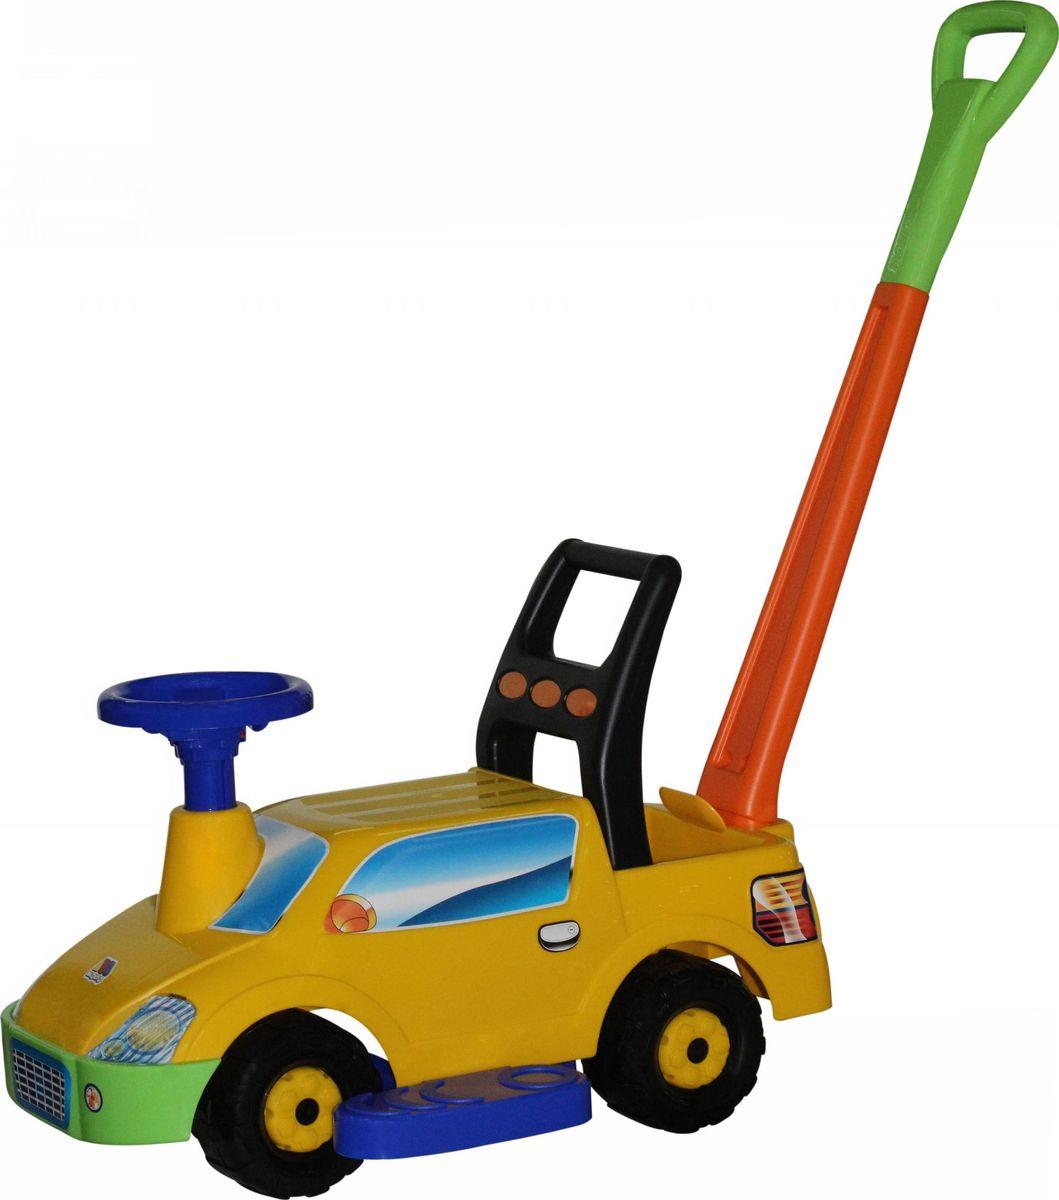 Полесье Каталка Пикап с ручкой №2, цвет в ассортименте автомобиль пластмастер малютка зефирки цвет в ассортименте 31172